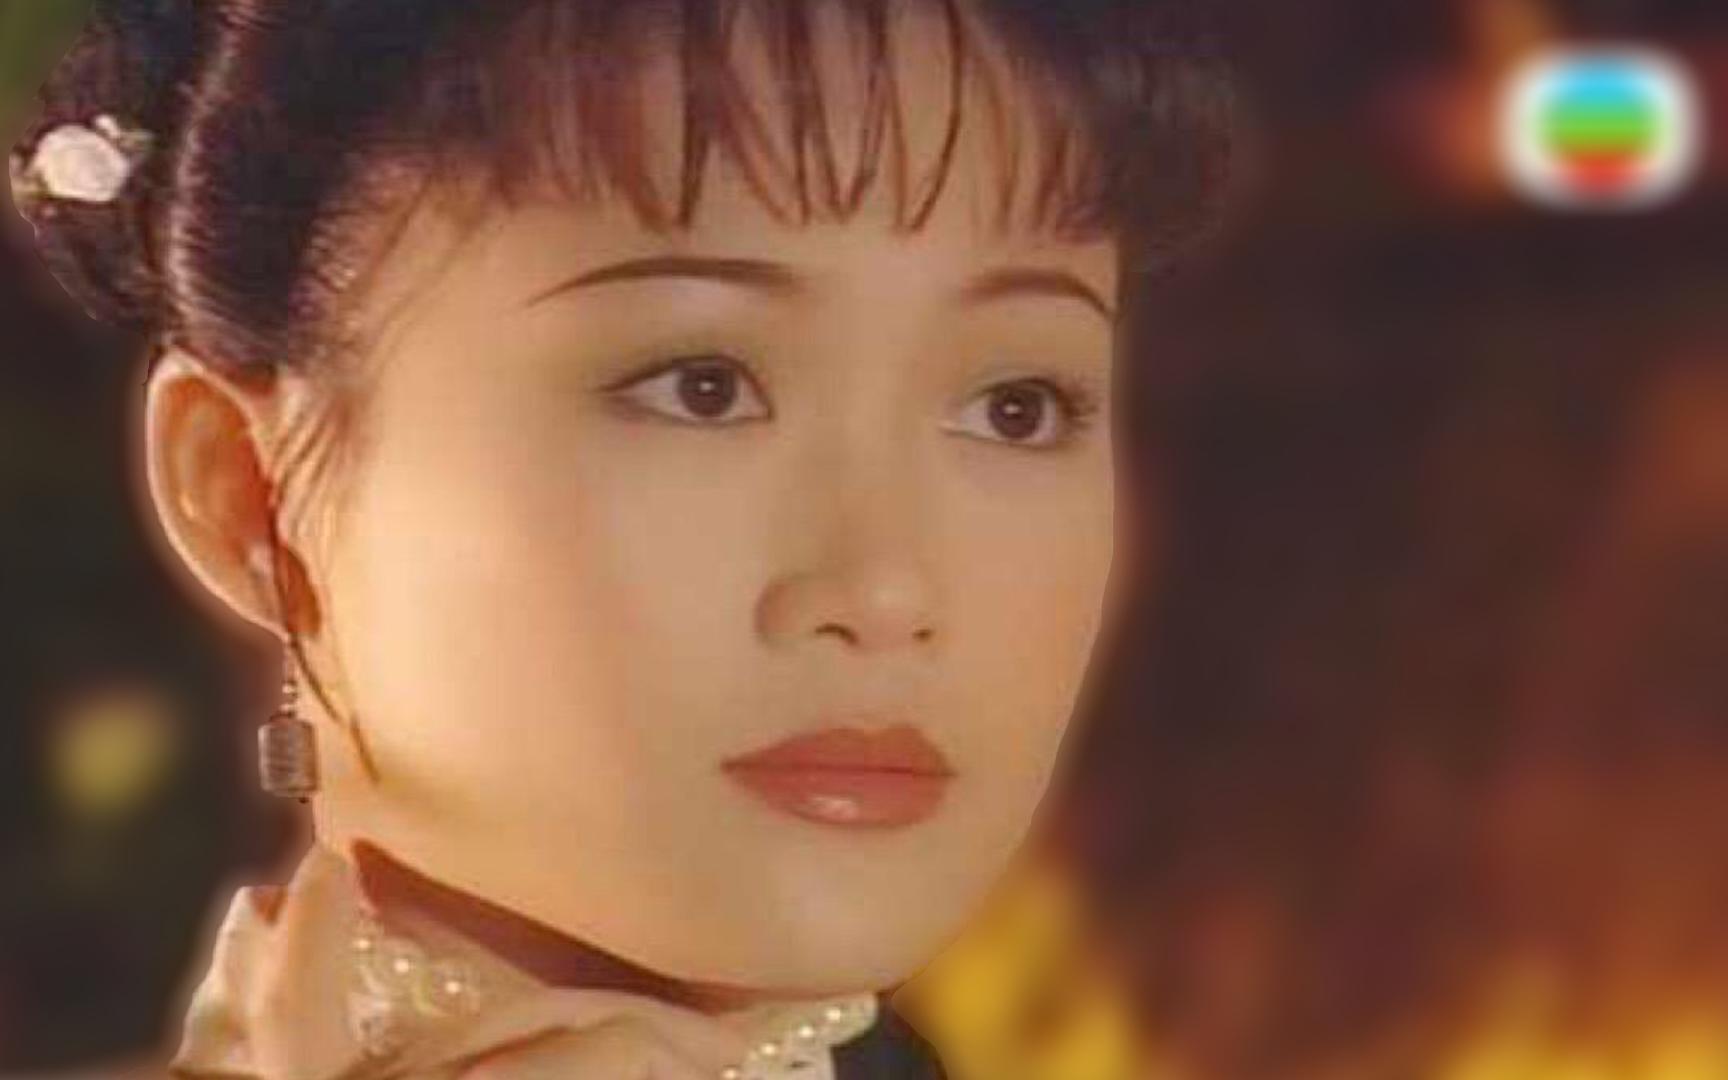 梁小冰,TVB曾经的当家花旦,如今屈居在不满200人的带货直播间里